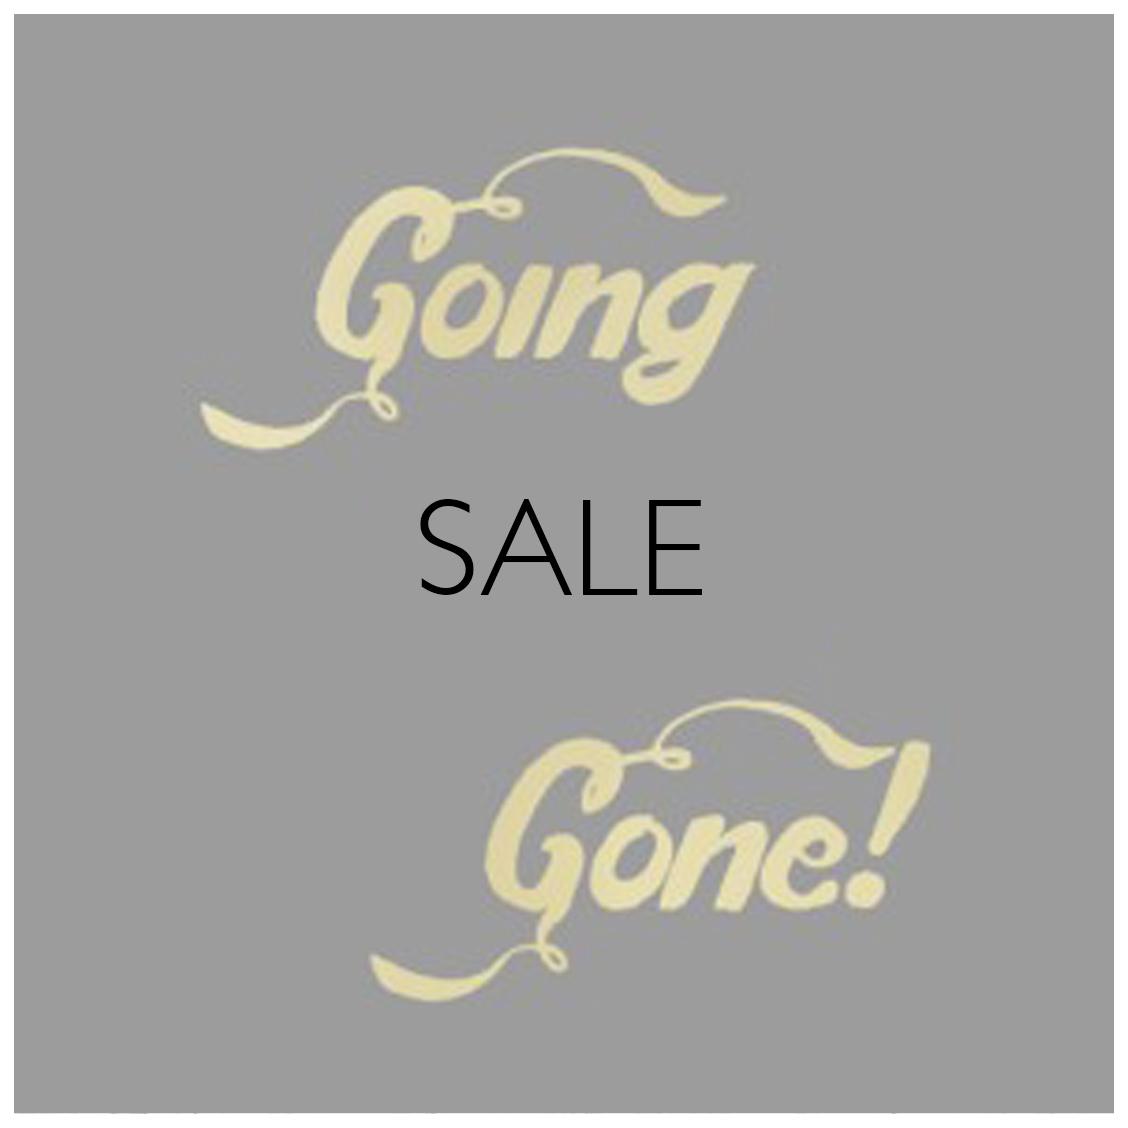 blog_headers_sale